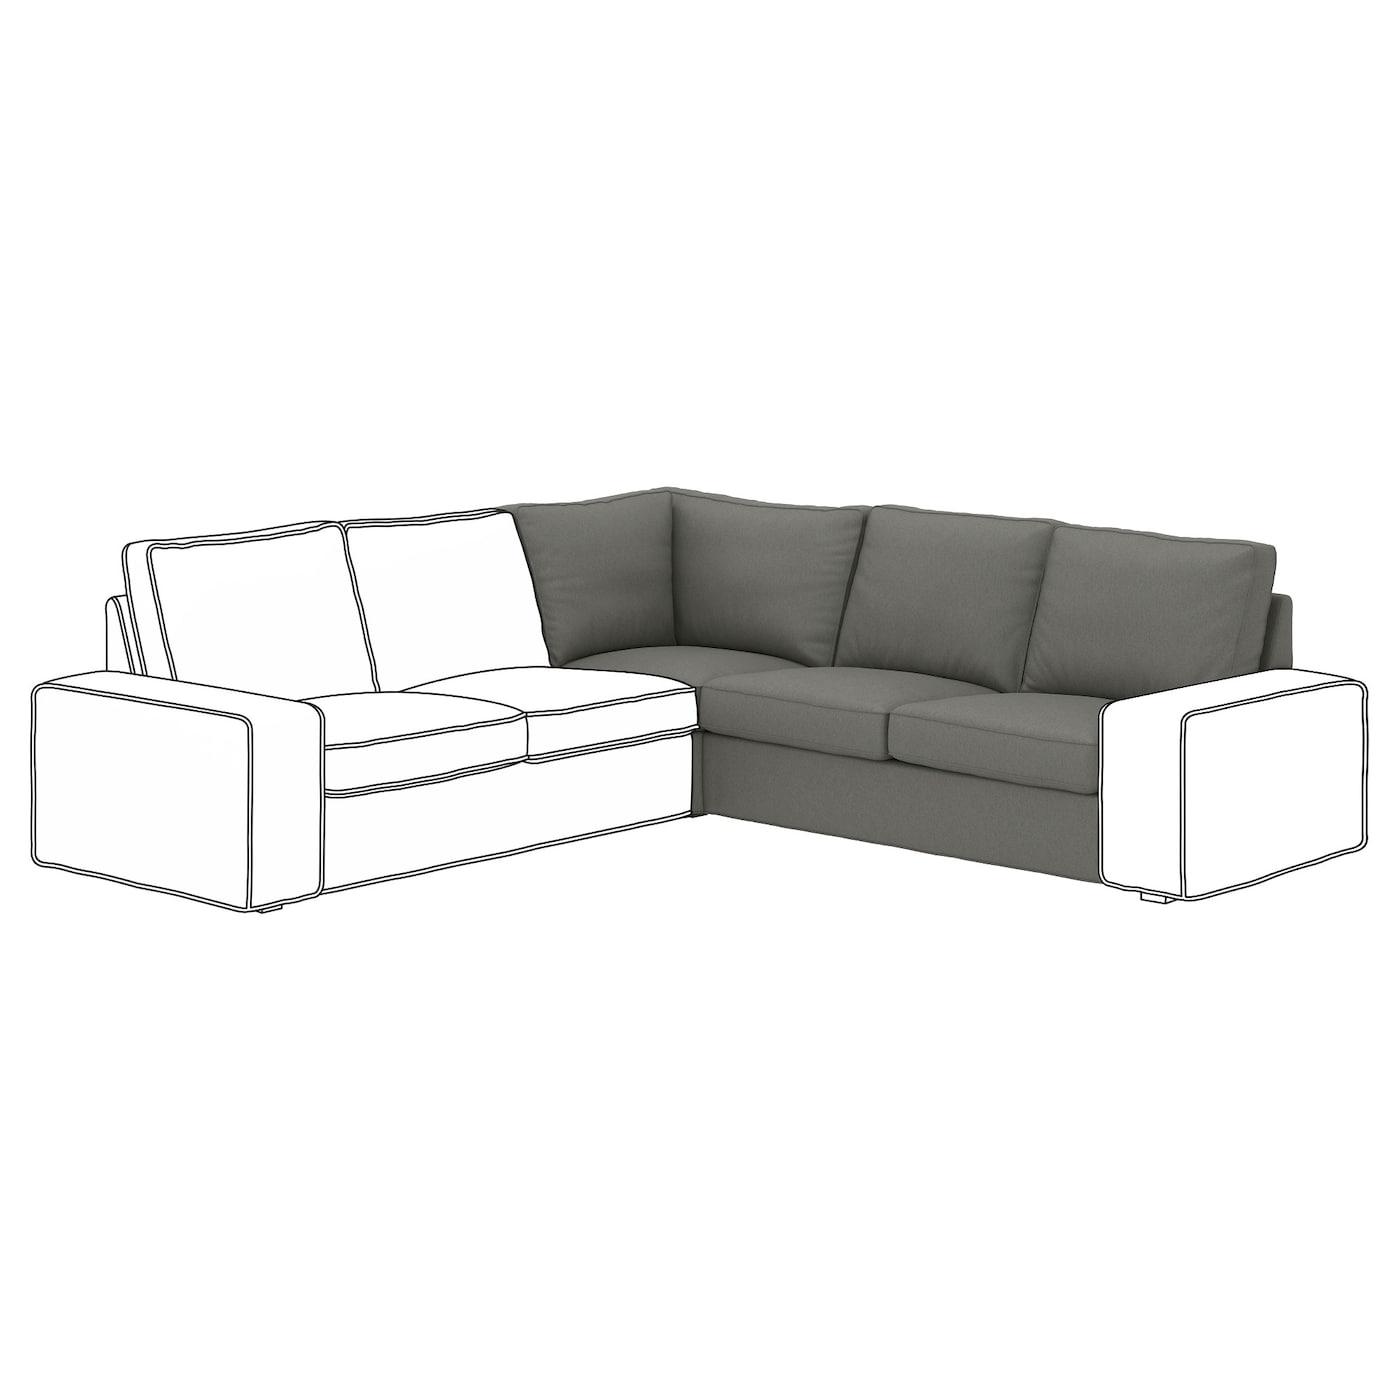 Série KIVIK - IKEA